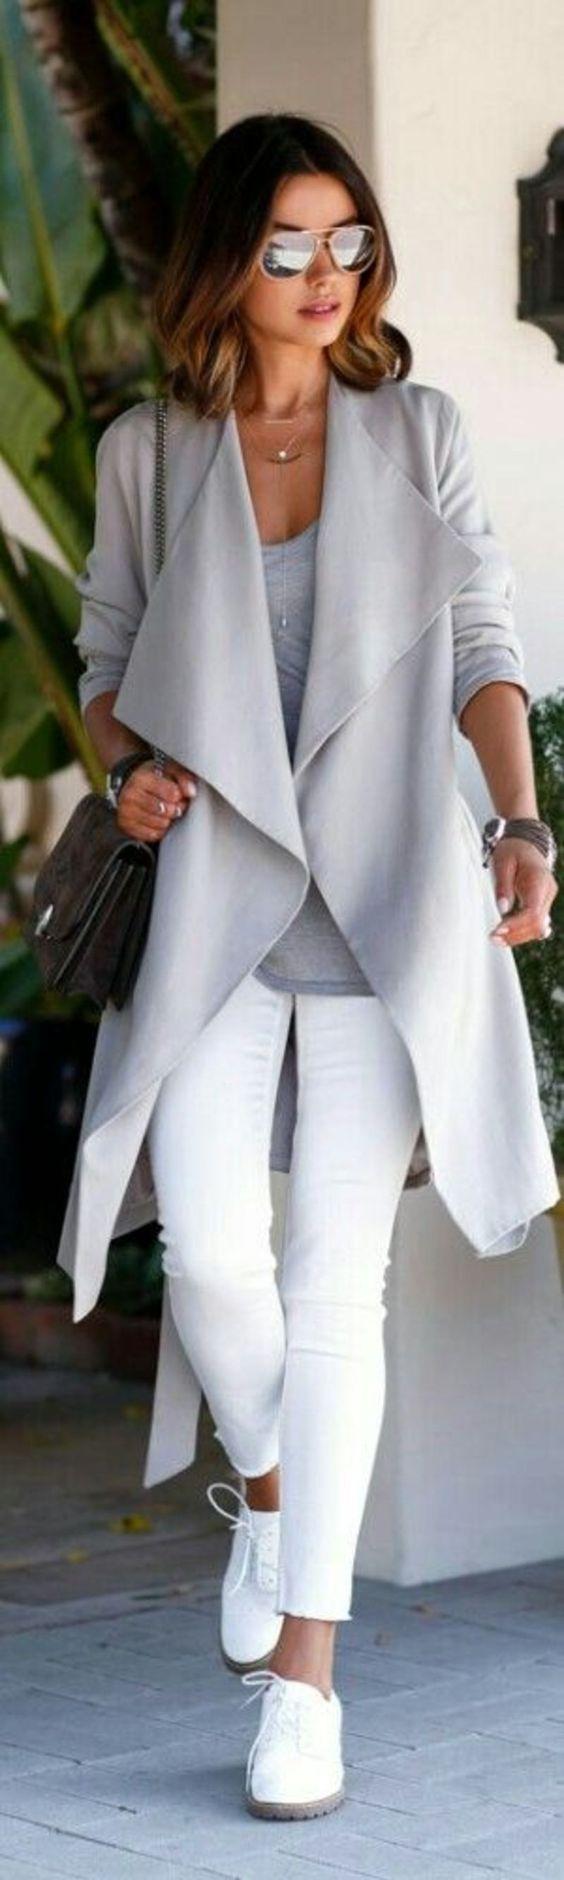 Grijs & wit zorgen voor een toffe zomerse look.